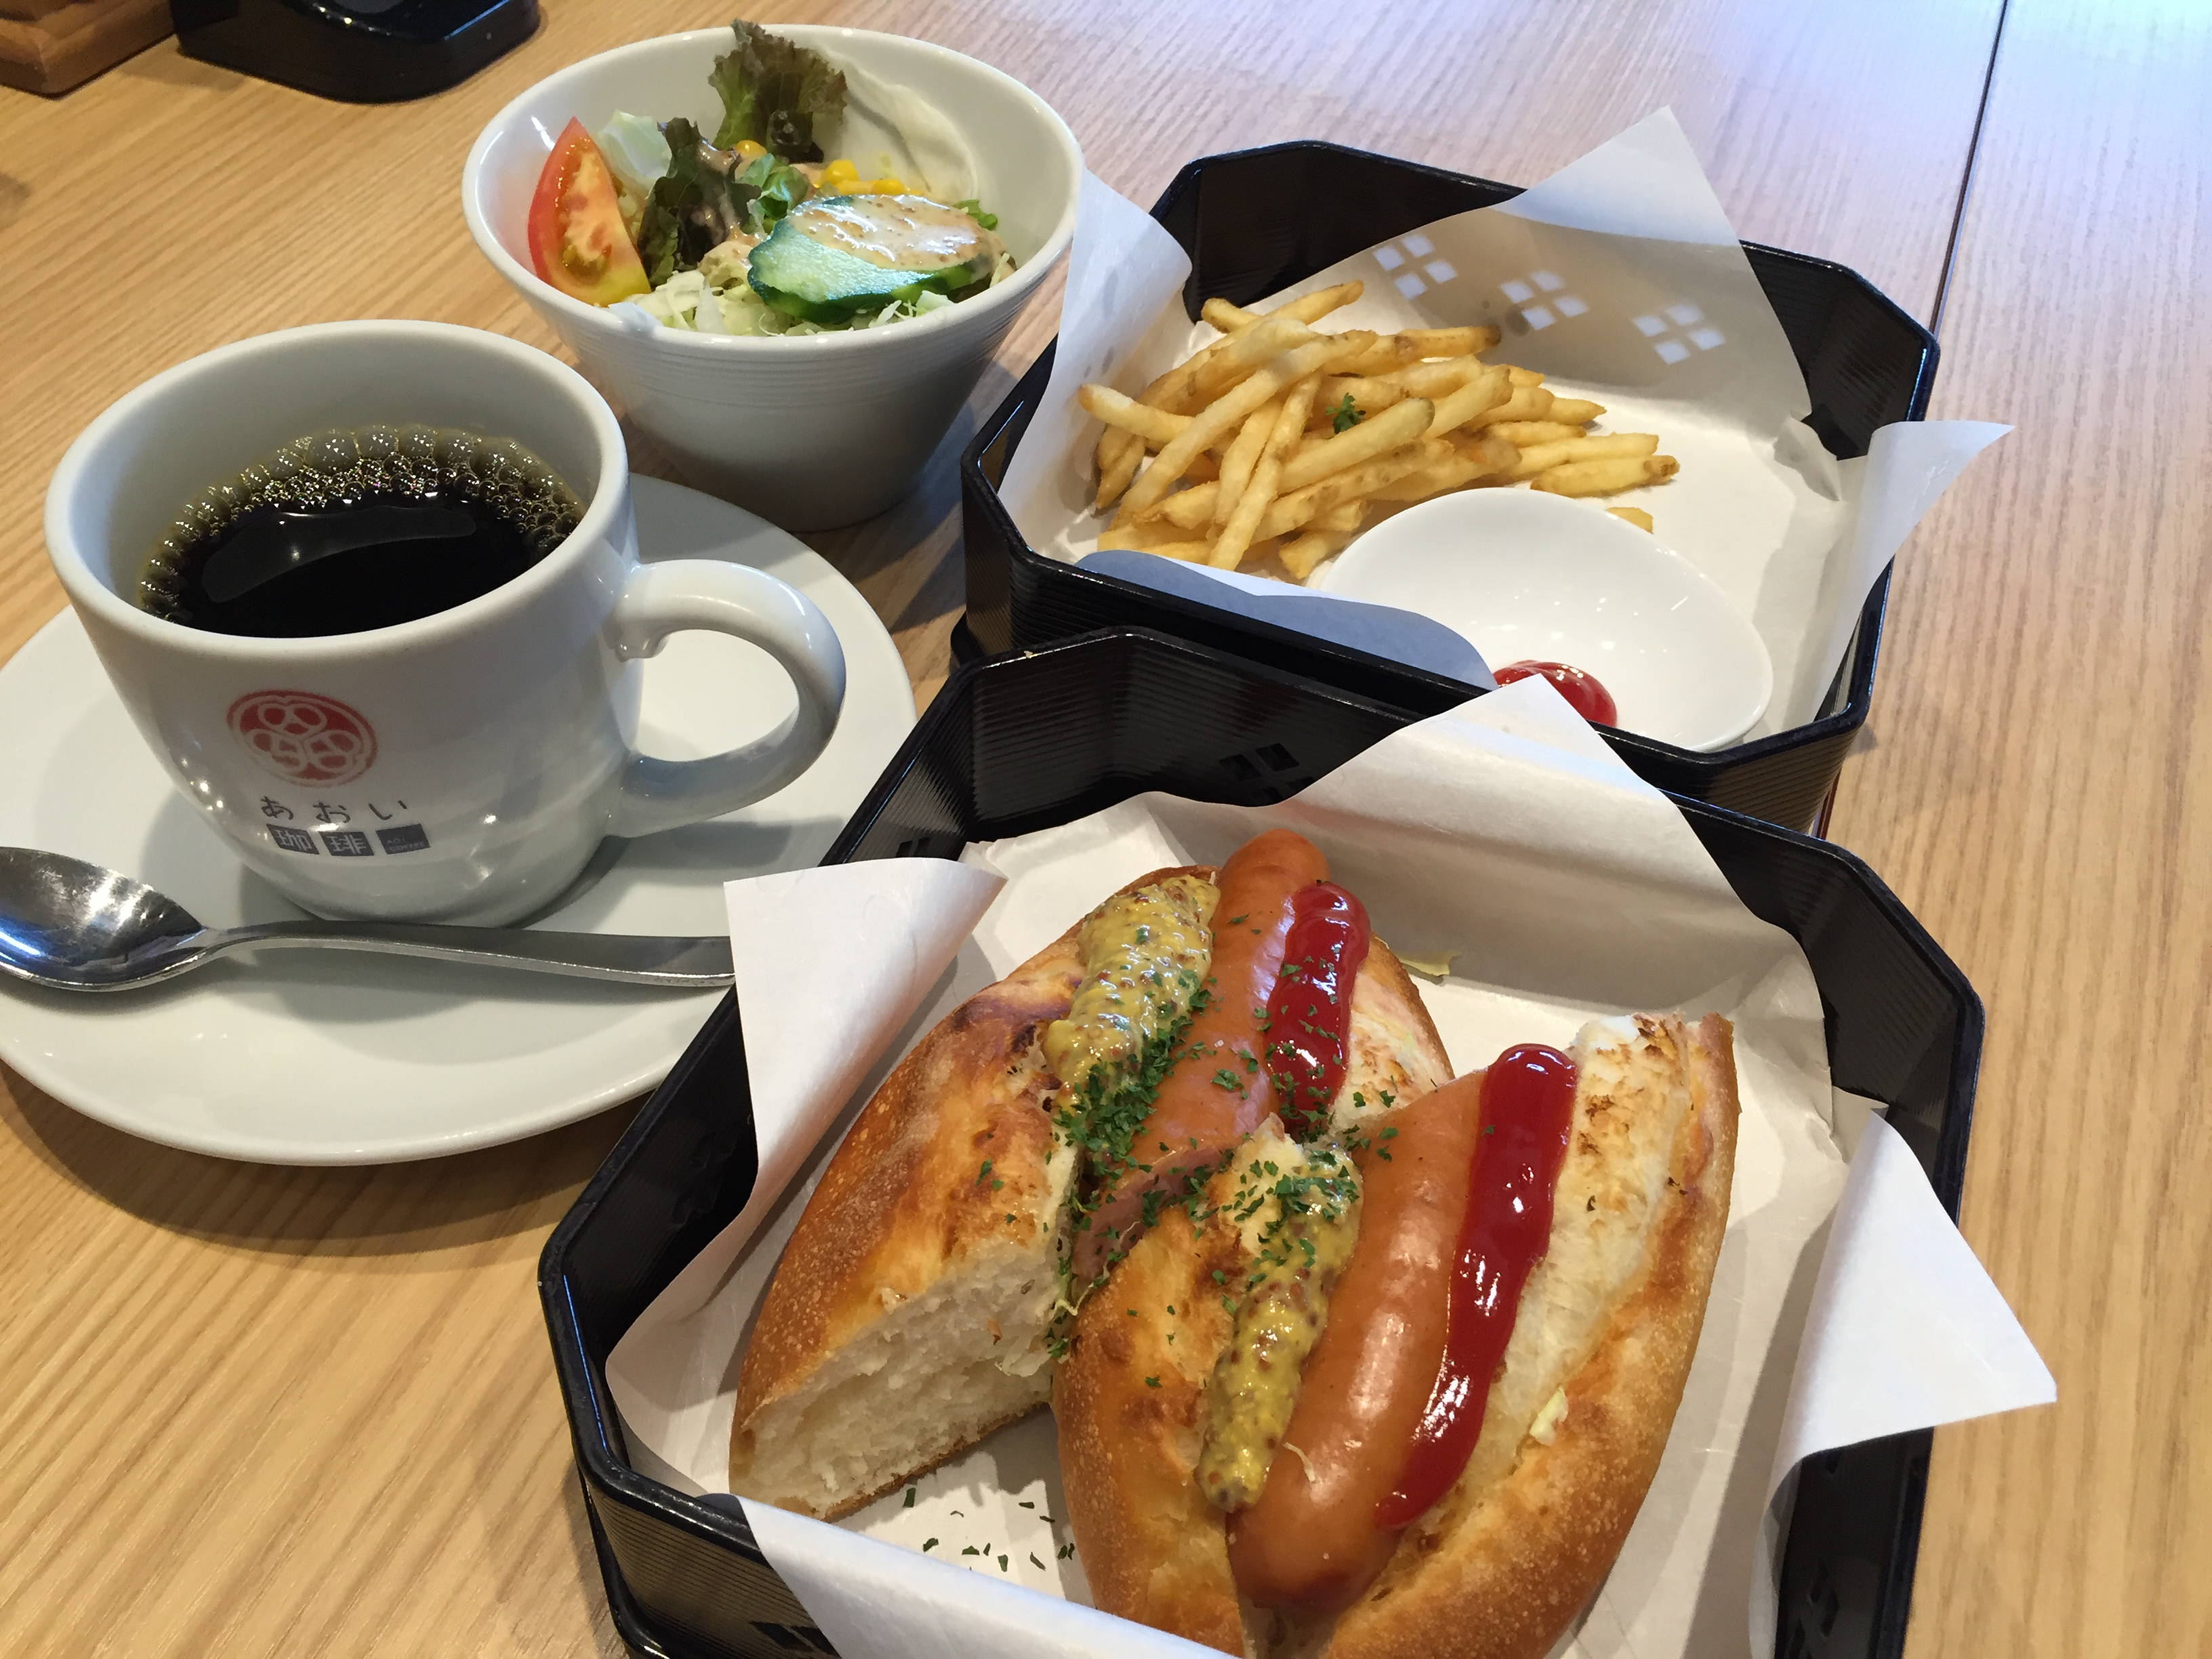 愛知県岡崎市の「あおい珈琲」のパンが絶品!パンのこだわりが凄い